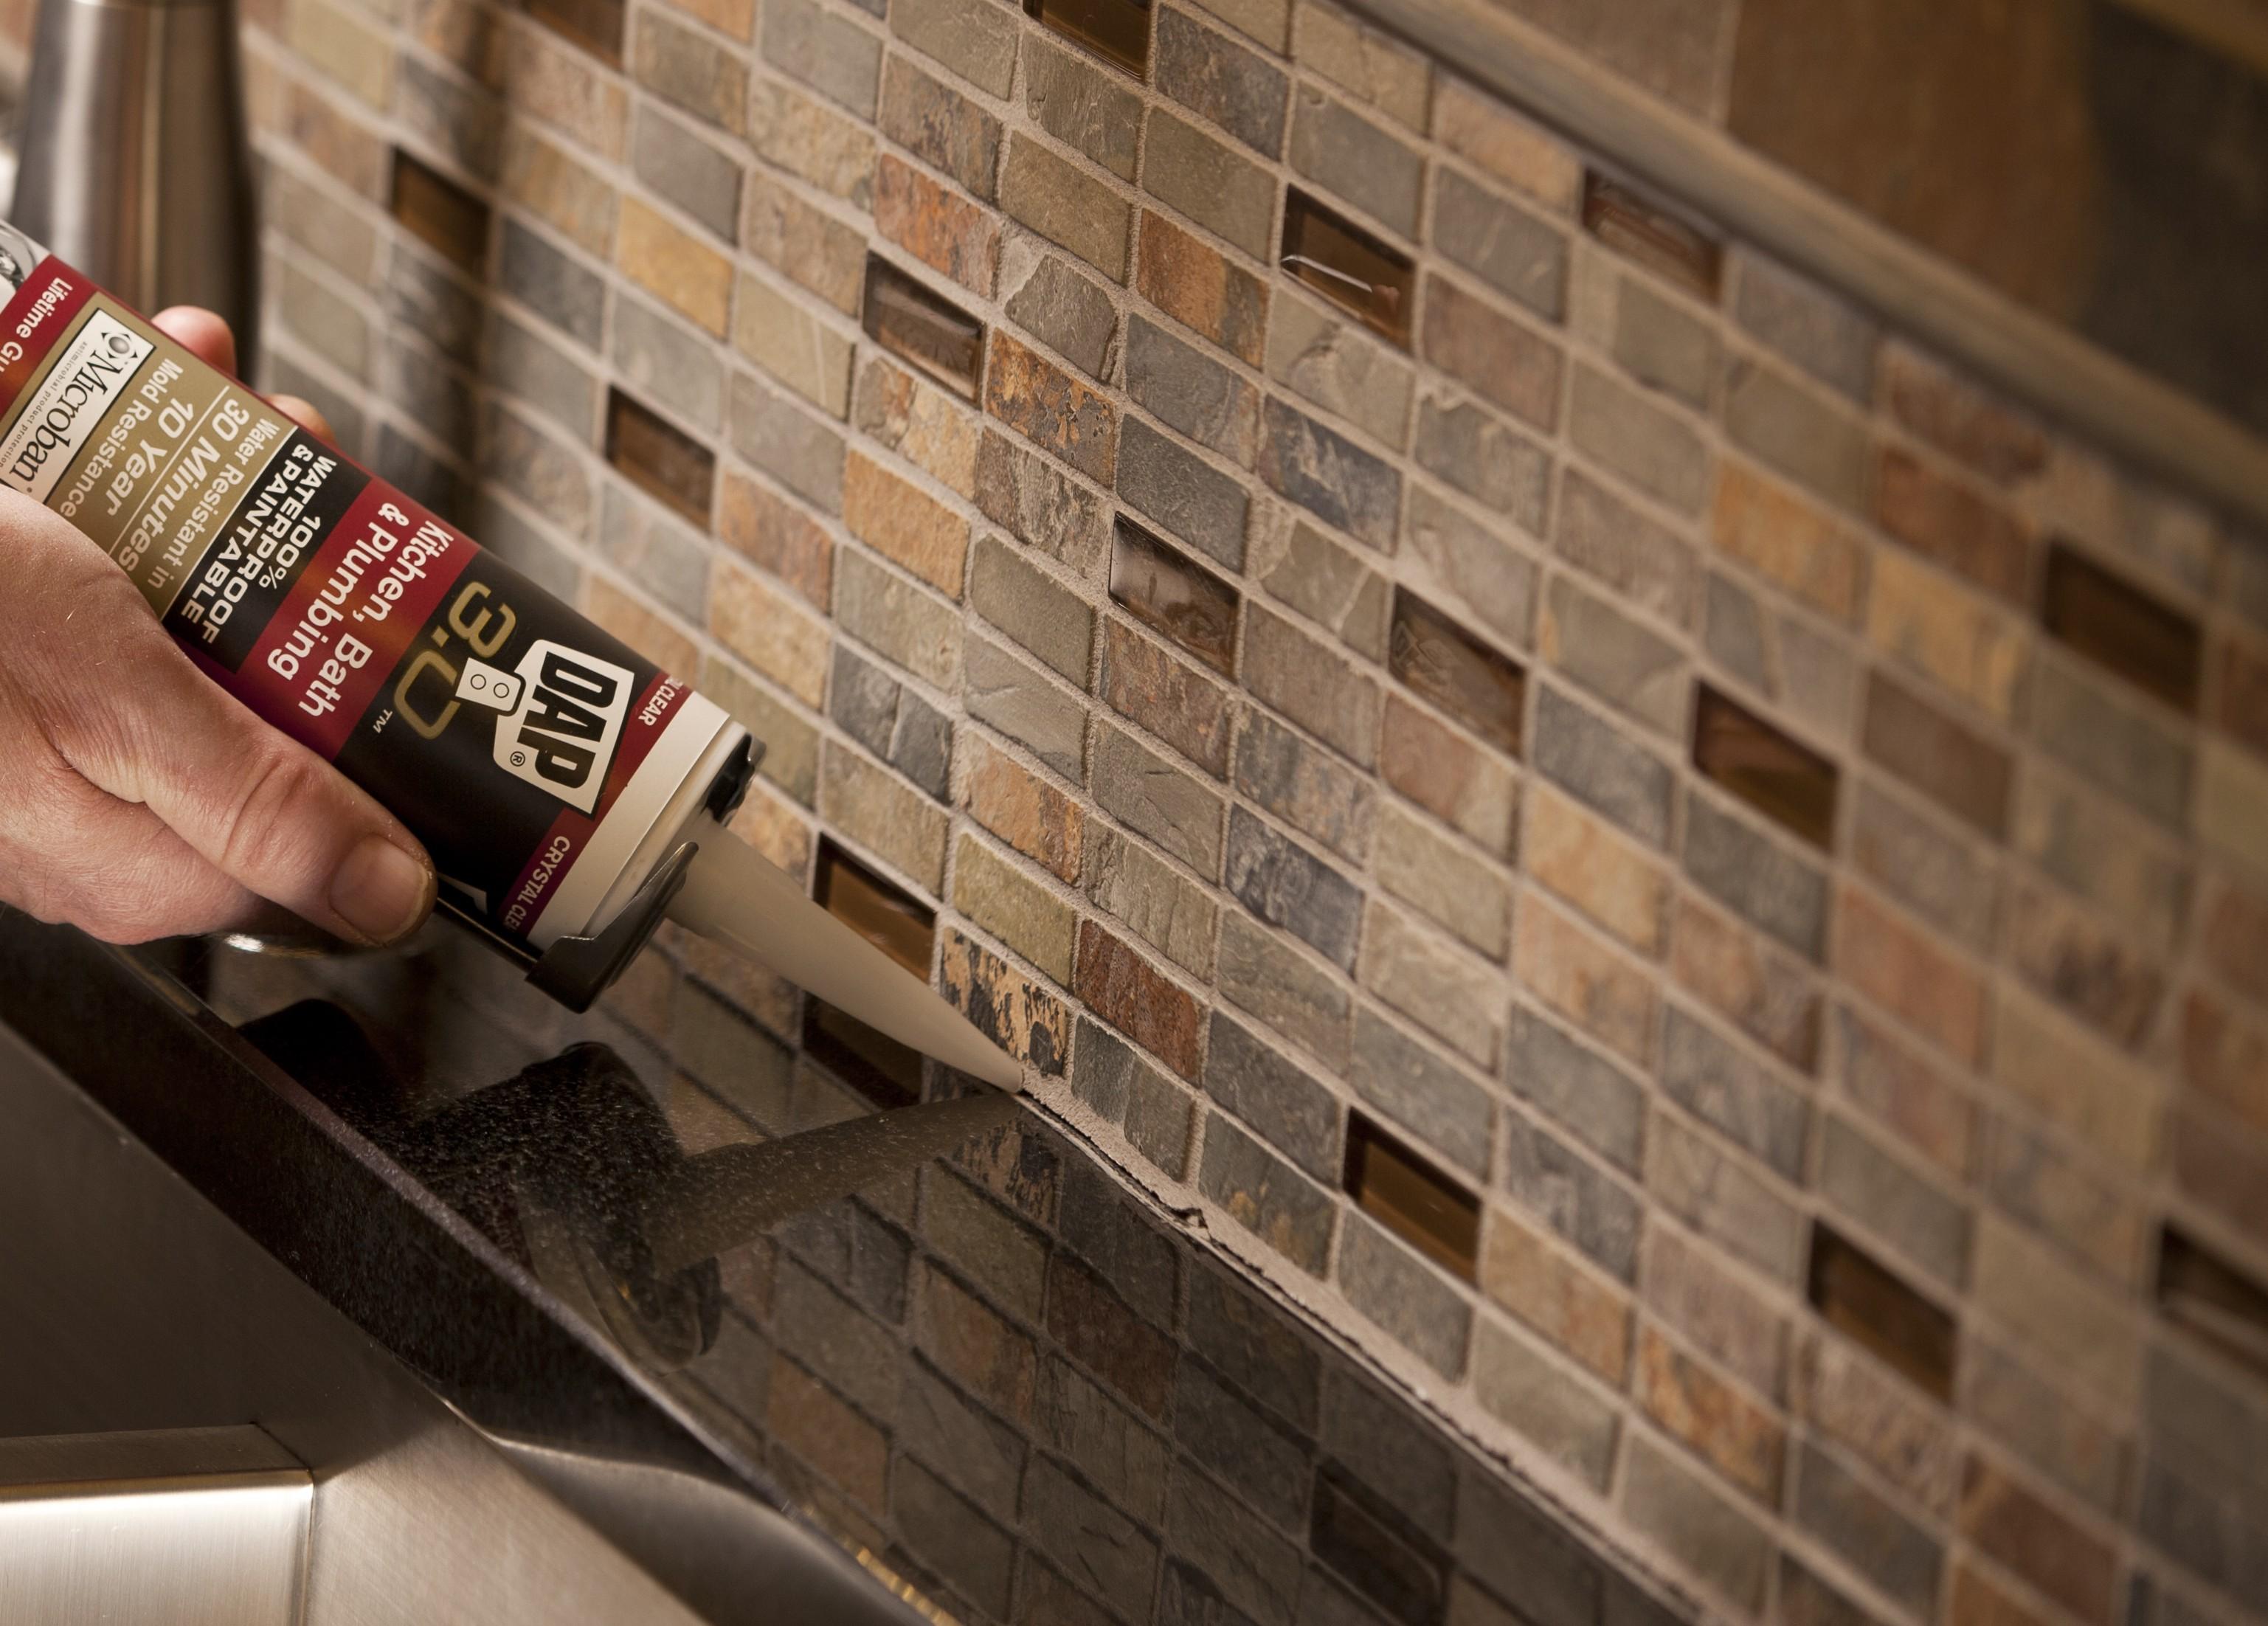 Instalar un backsplash de vidrio en la cocina  Constru